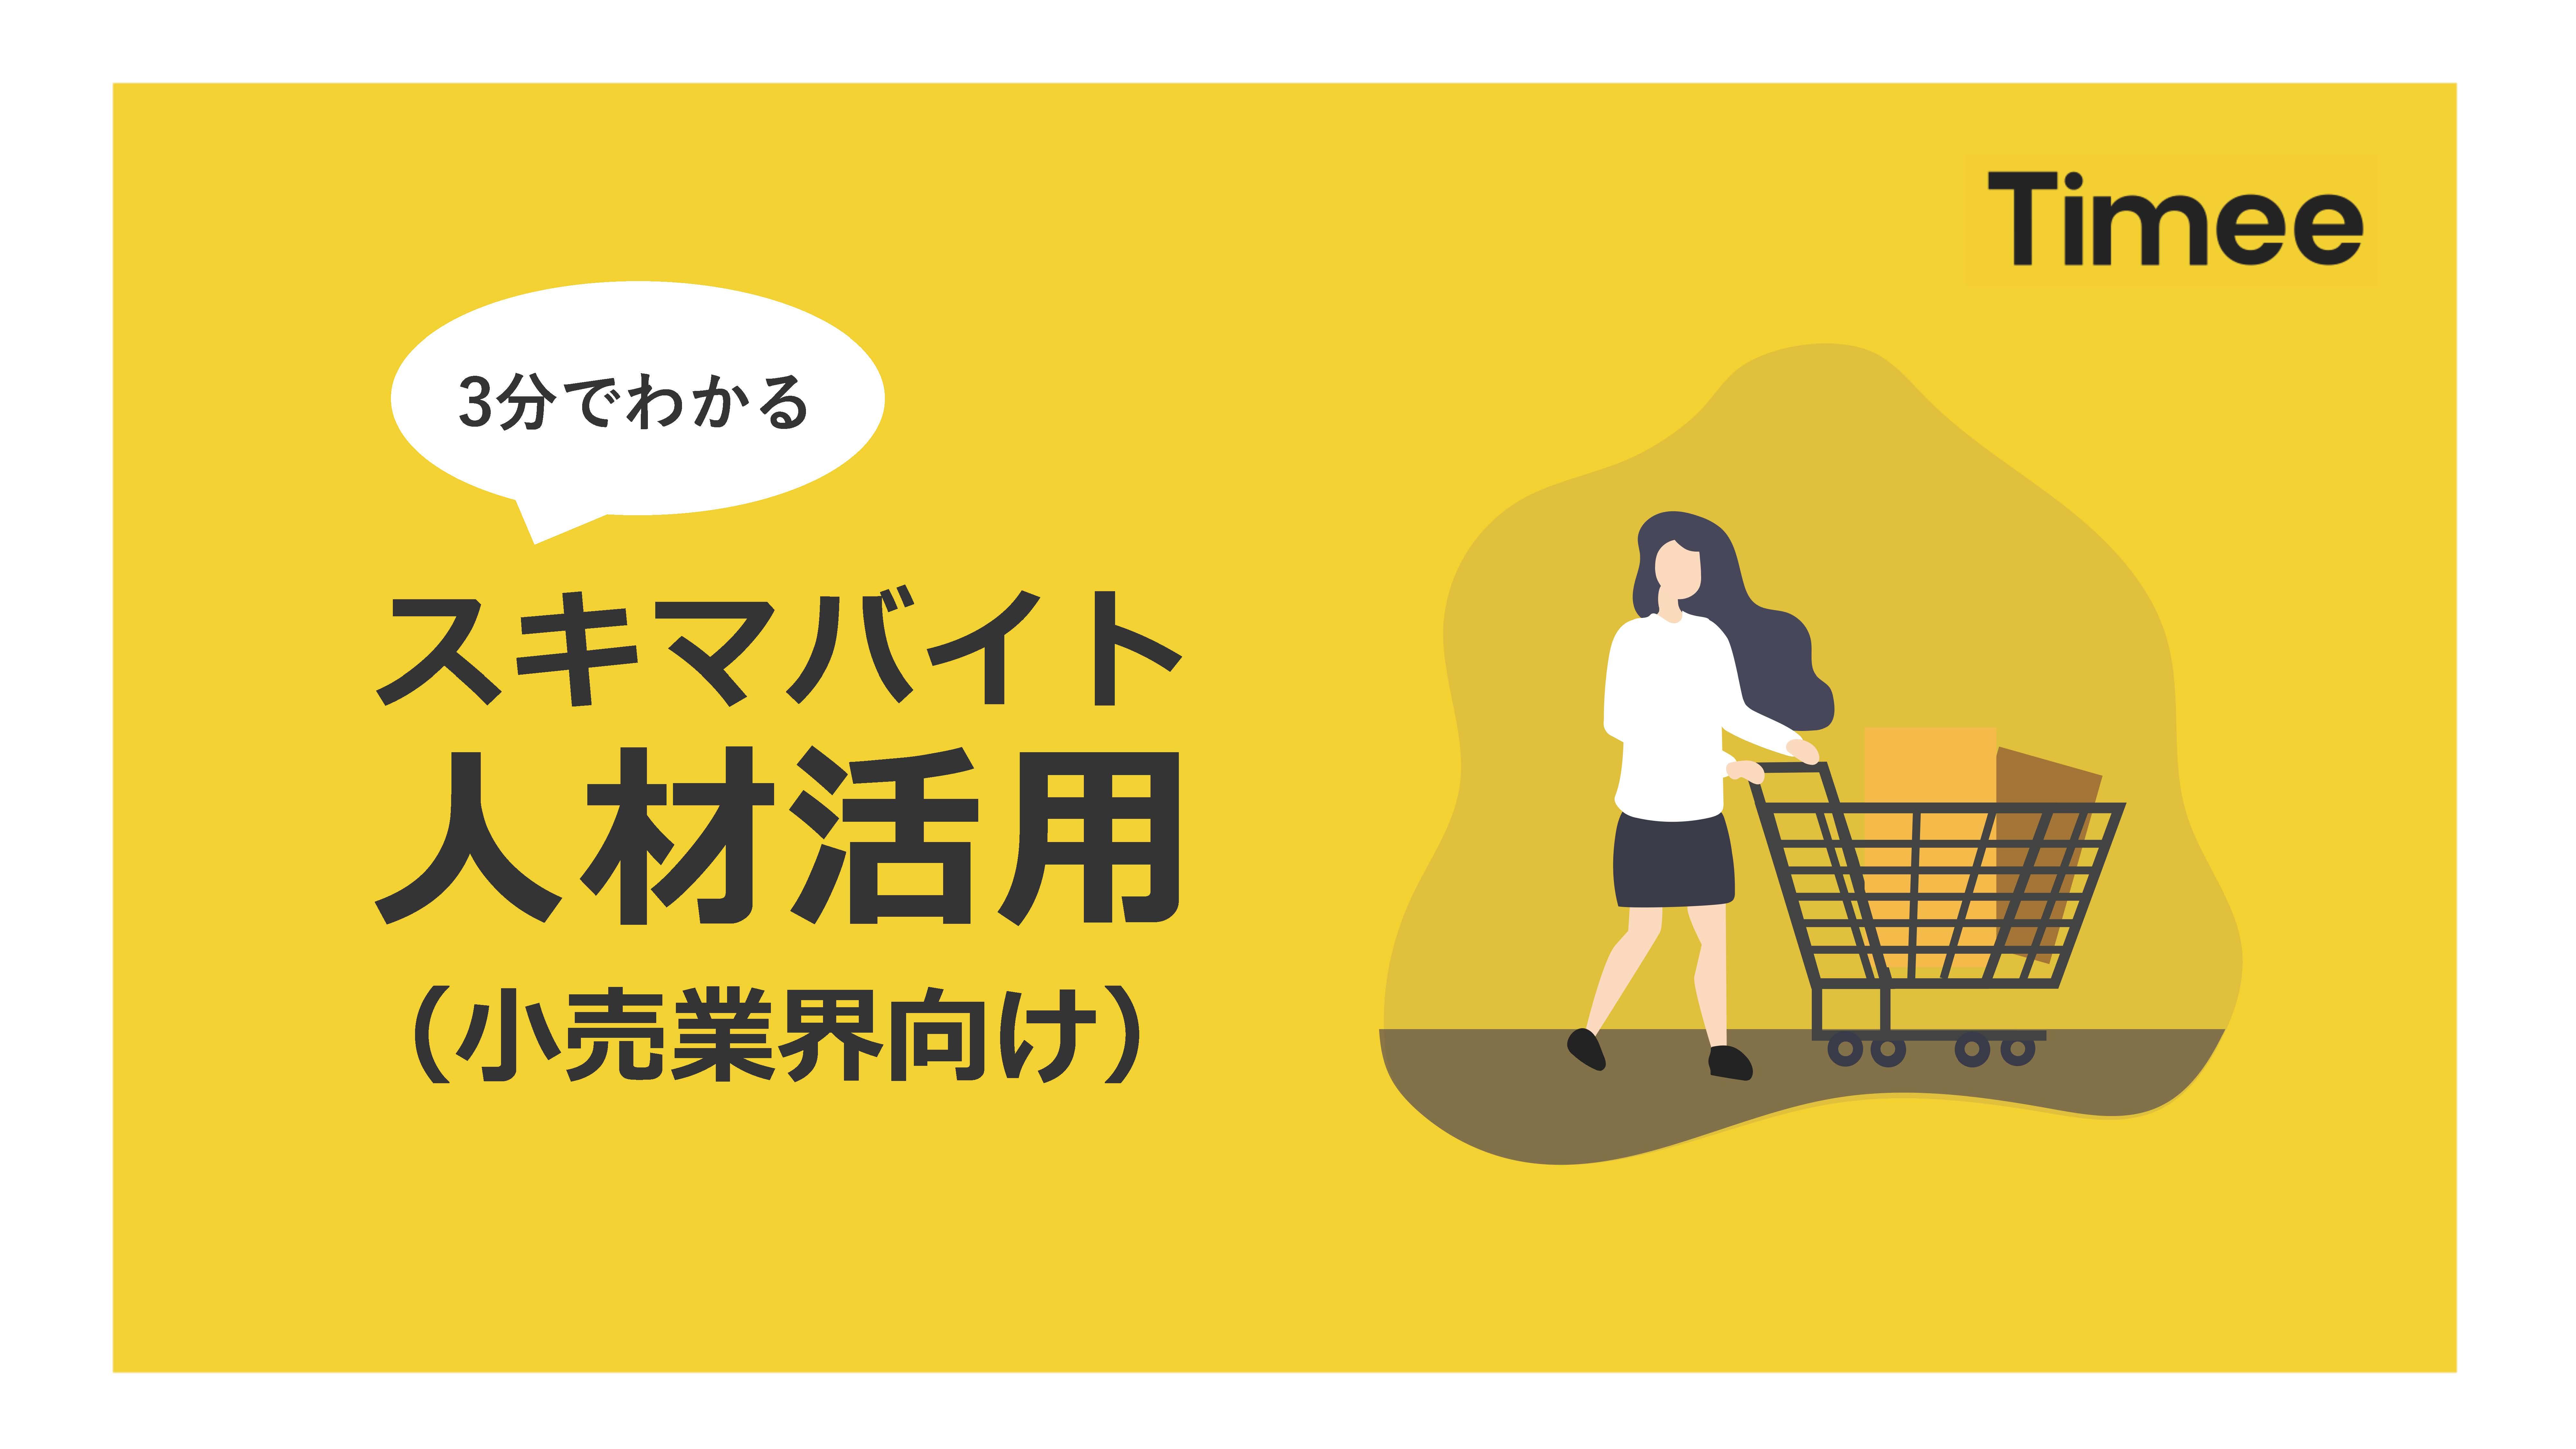 スキマバイト人材活用(小売業界向け)